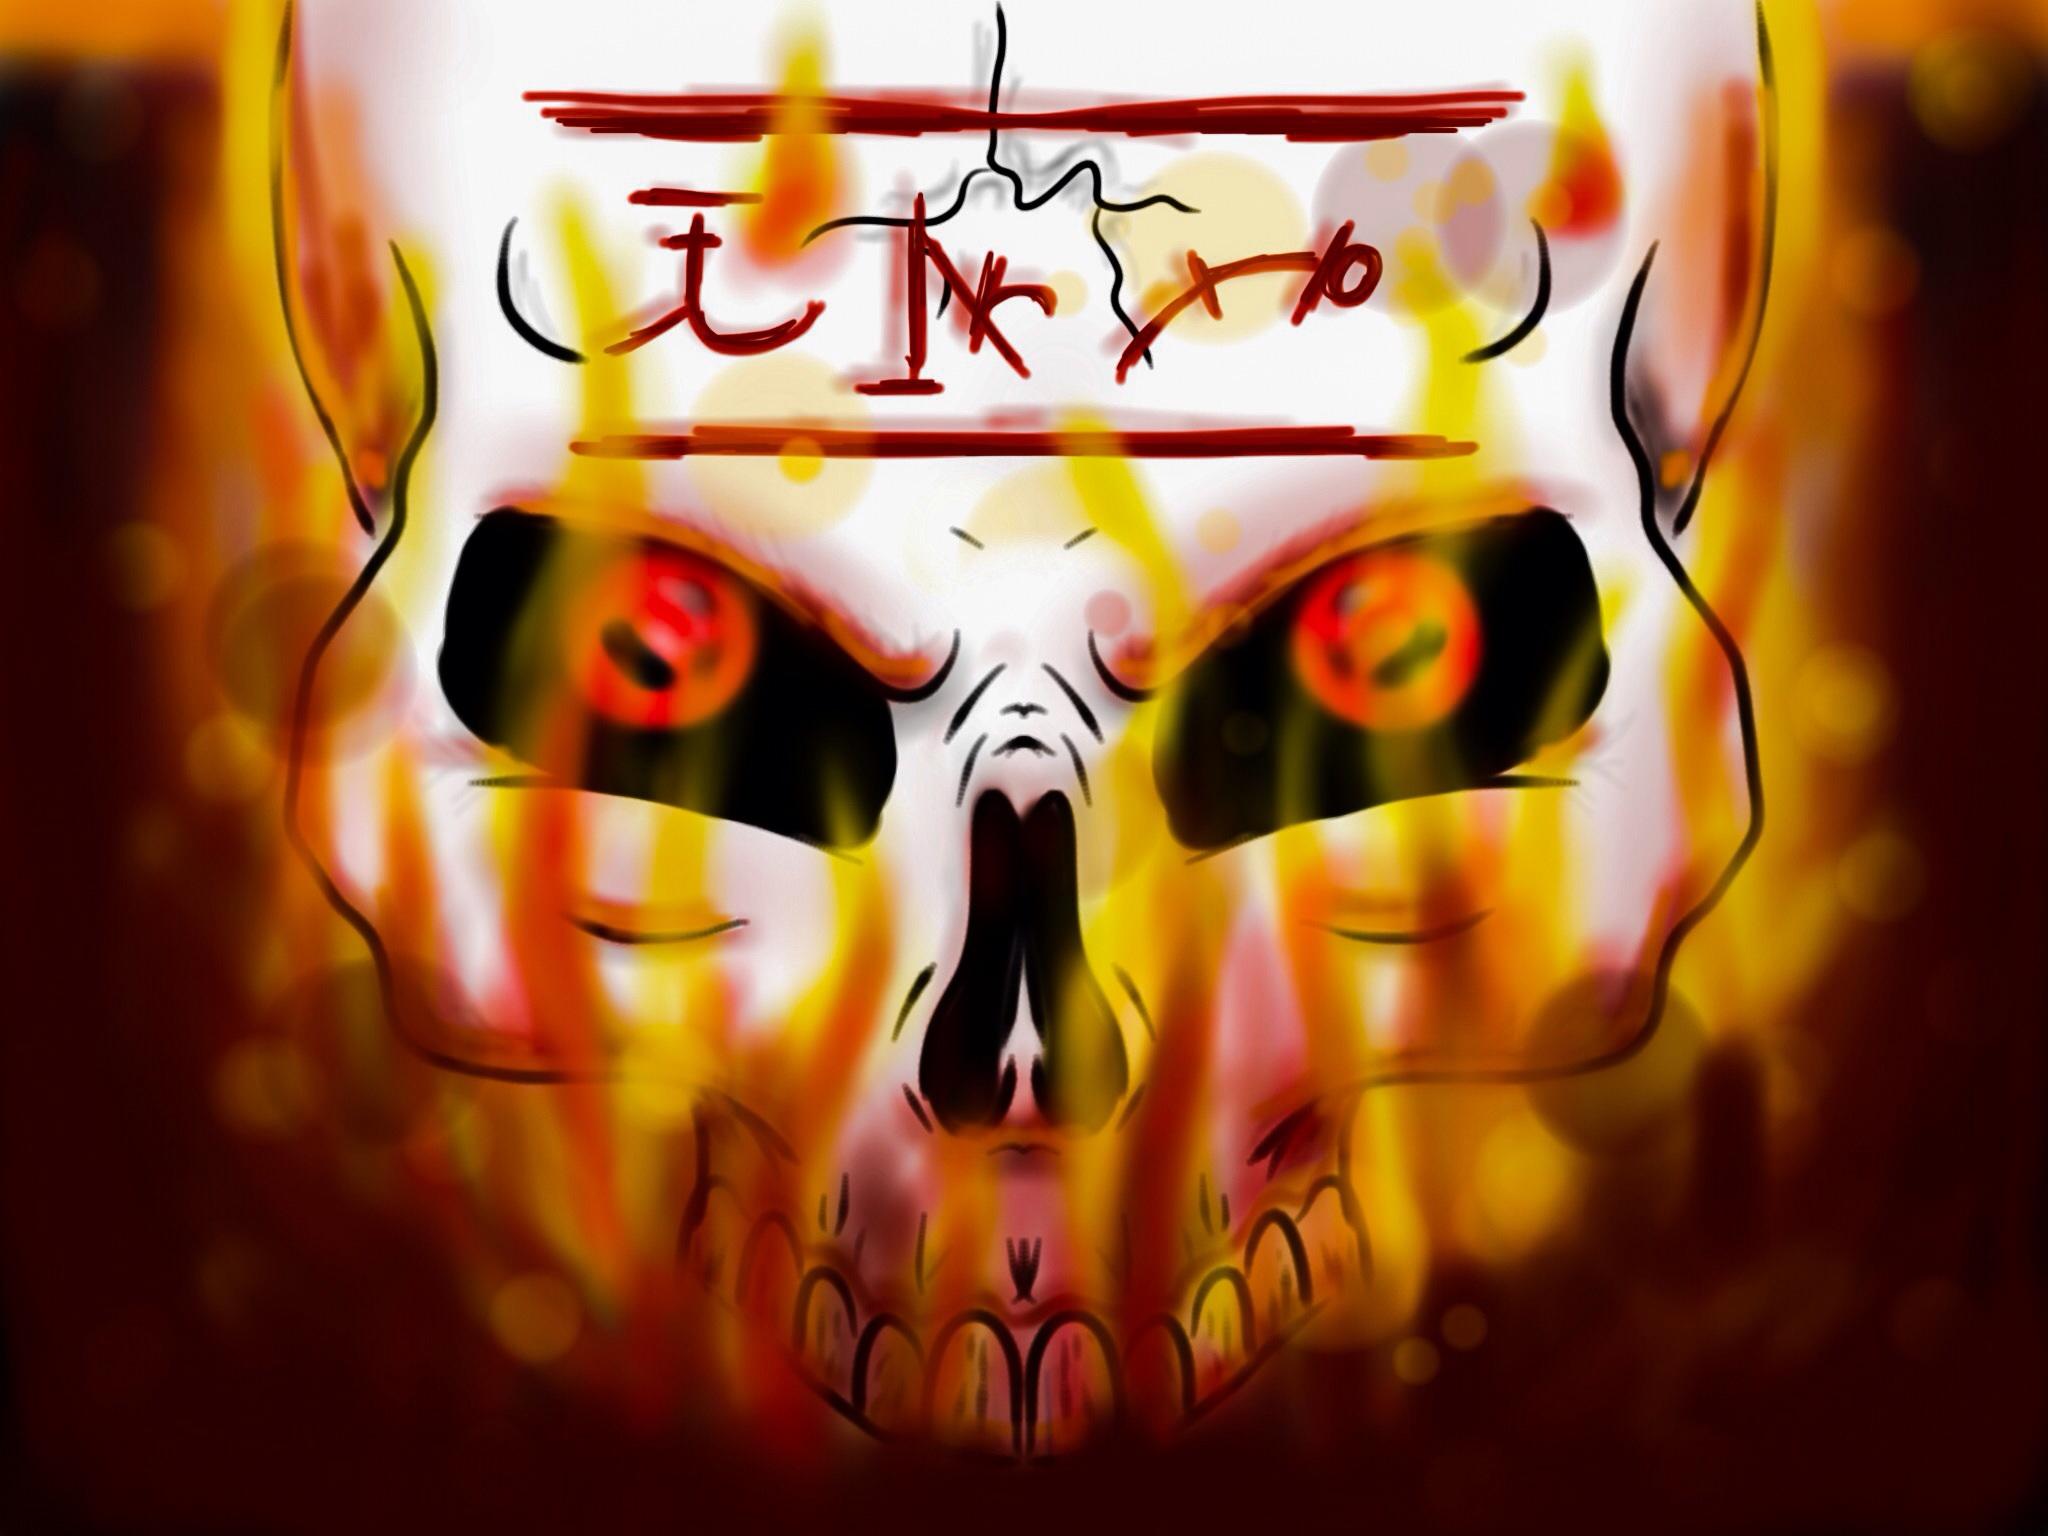 Skull thing (idk)